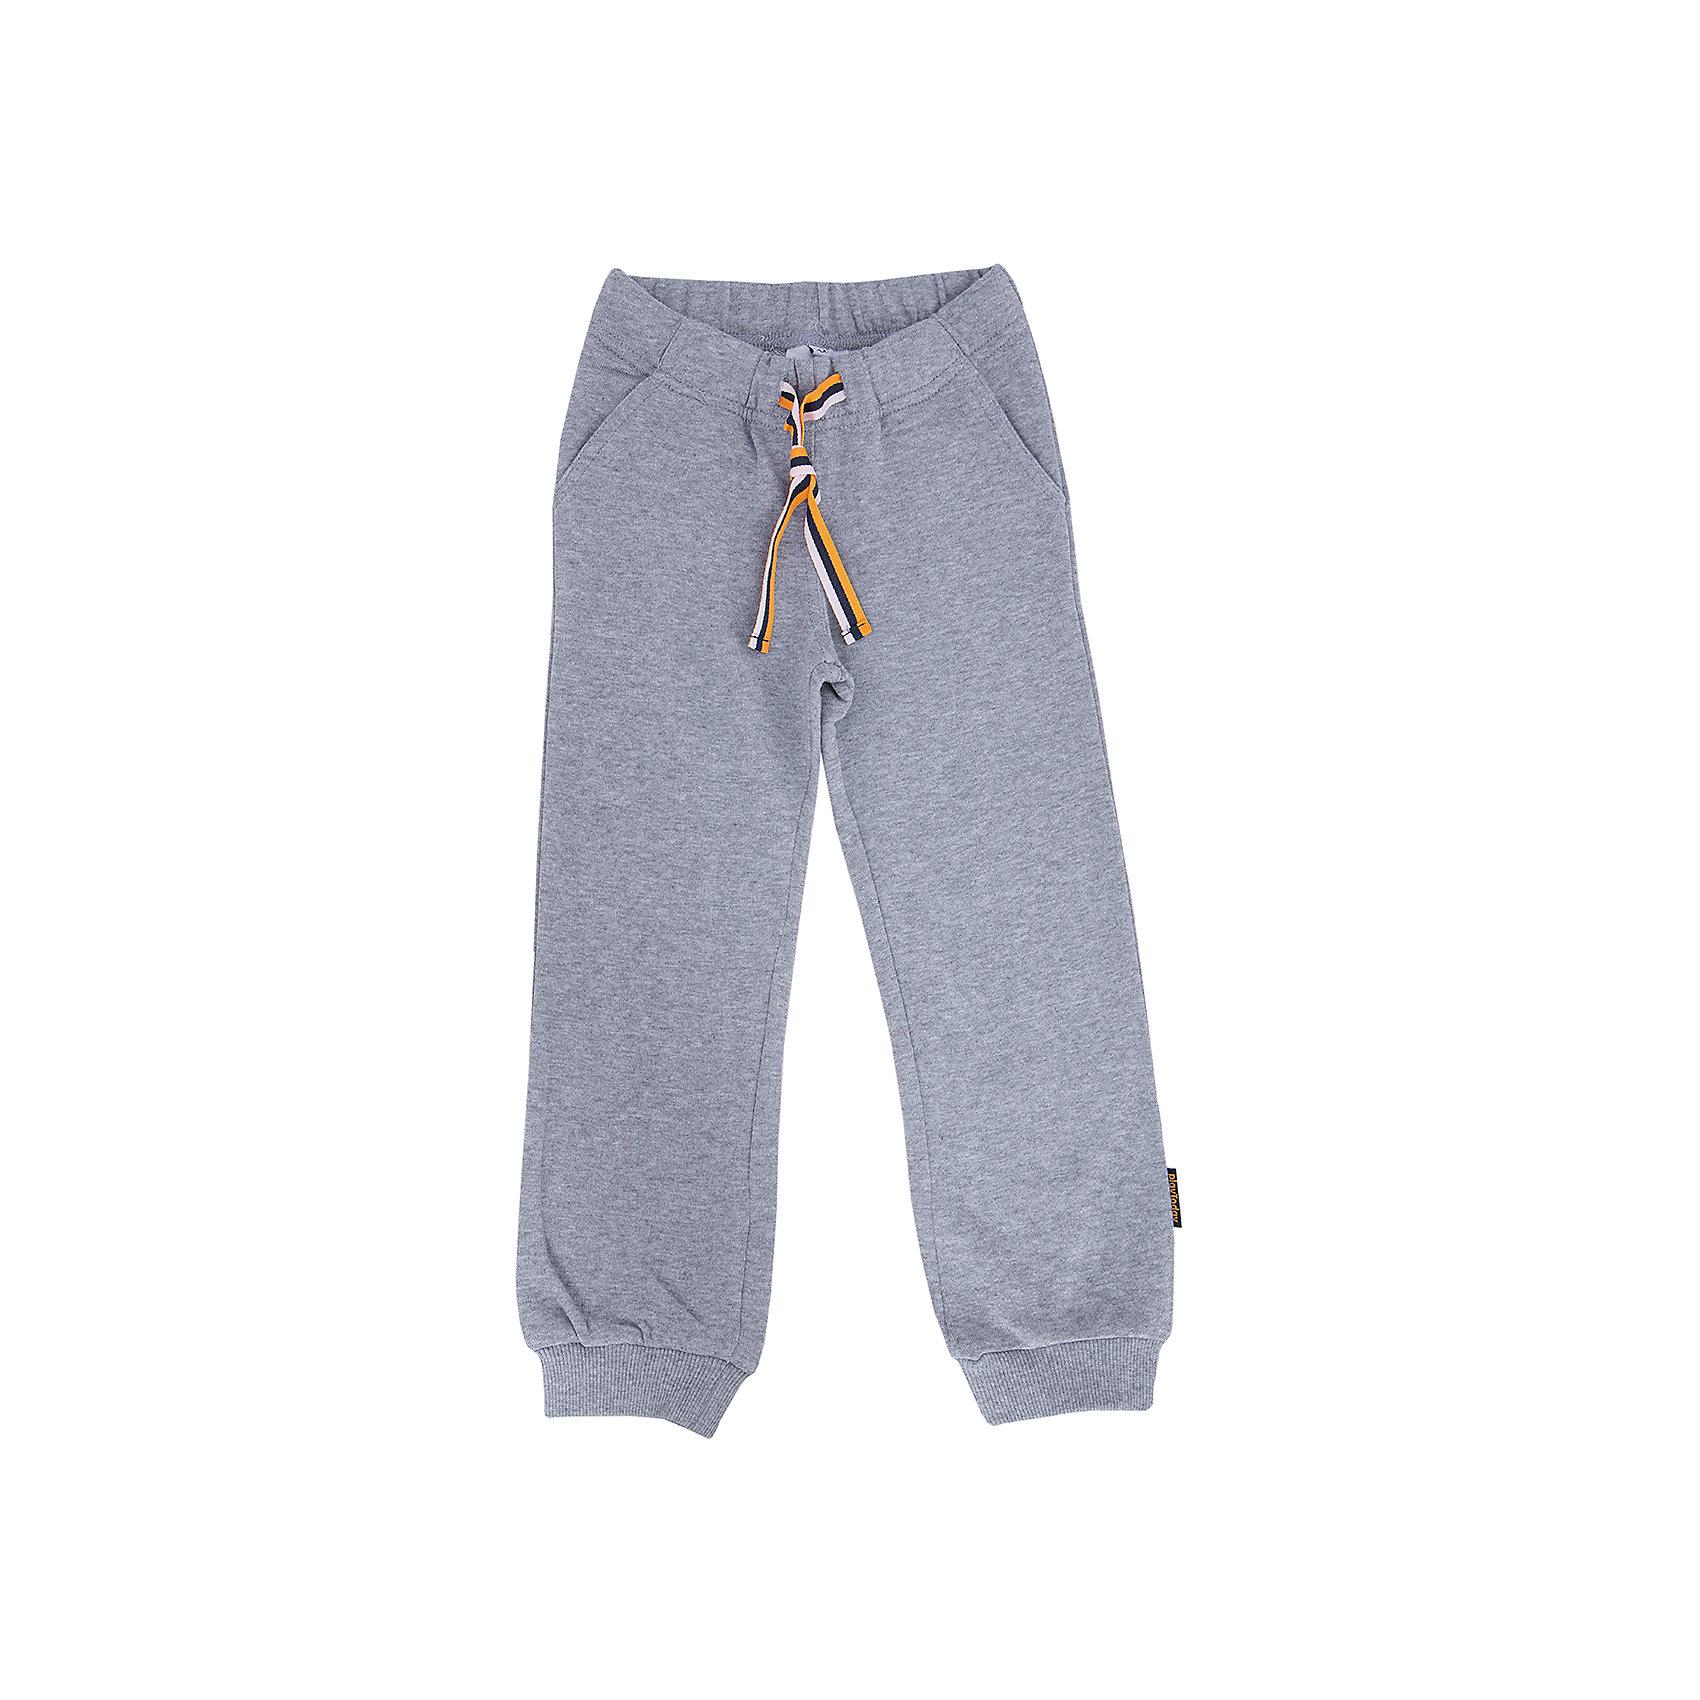 Брюки для мальчика PlayTodayБрюки для мальчика от известного бренда PlayToday.<br>Уютные брюки из футера в спортивном стиле. Пояс на резинке, дополнительно регулируется яркой тесьмой. Есть 3 функциональных кармана. Низ штанишек на широкой трикотажной резинке.<br>Состав:<br>80% хлопок, 20% полиэстер<br><br>Ширина мм: 215<br>Глубина мм: 88<br>Высота мм: 191<br>Вес г: 336<br>Цвет: серый<br>Возраст от месяцев: 36<br>Возраст до месяцев: 48<br>Пол: Мужской<br>Возраст: Детский<br>Размер: 104,110,122,98,116,128<br>SKU: 4896787